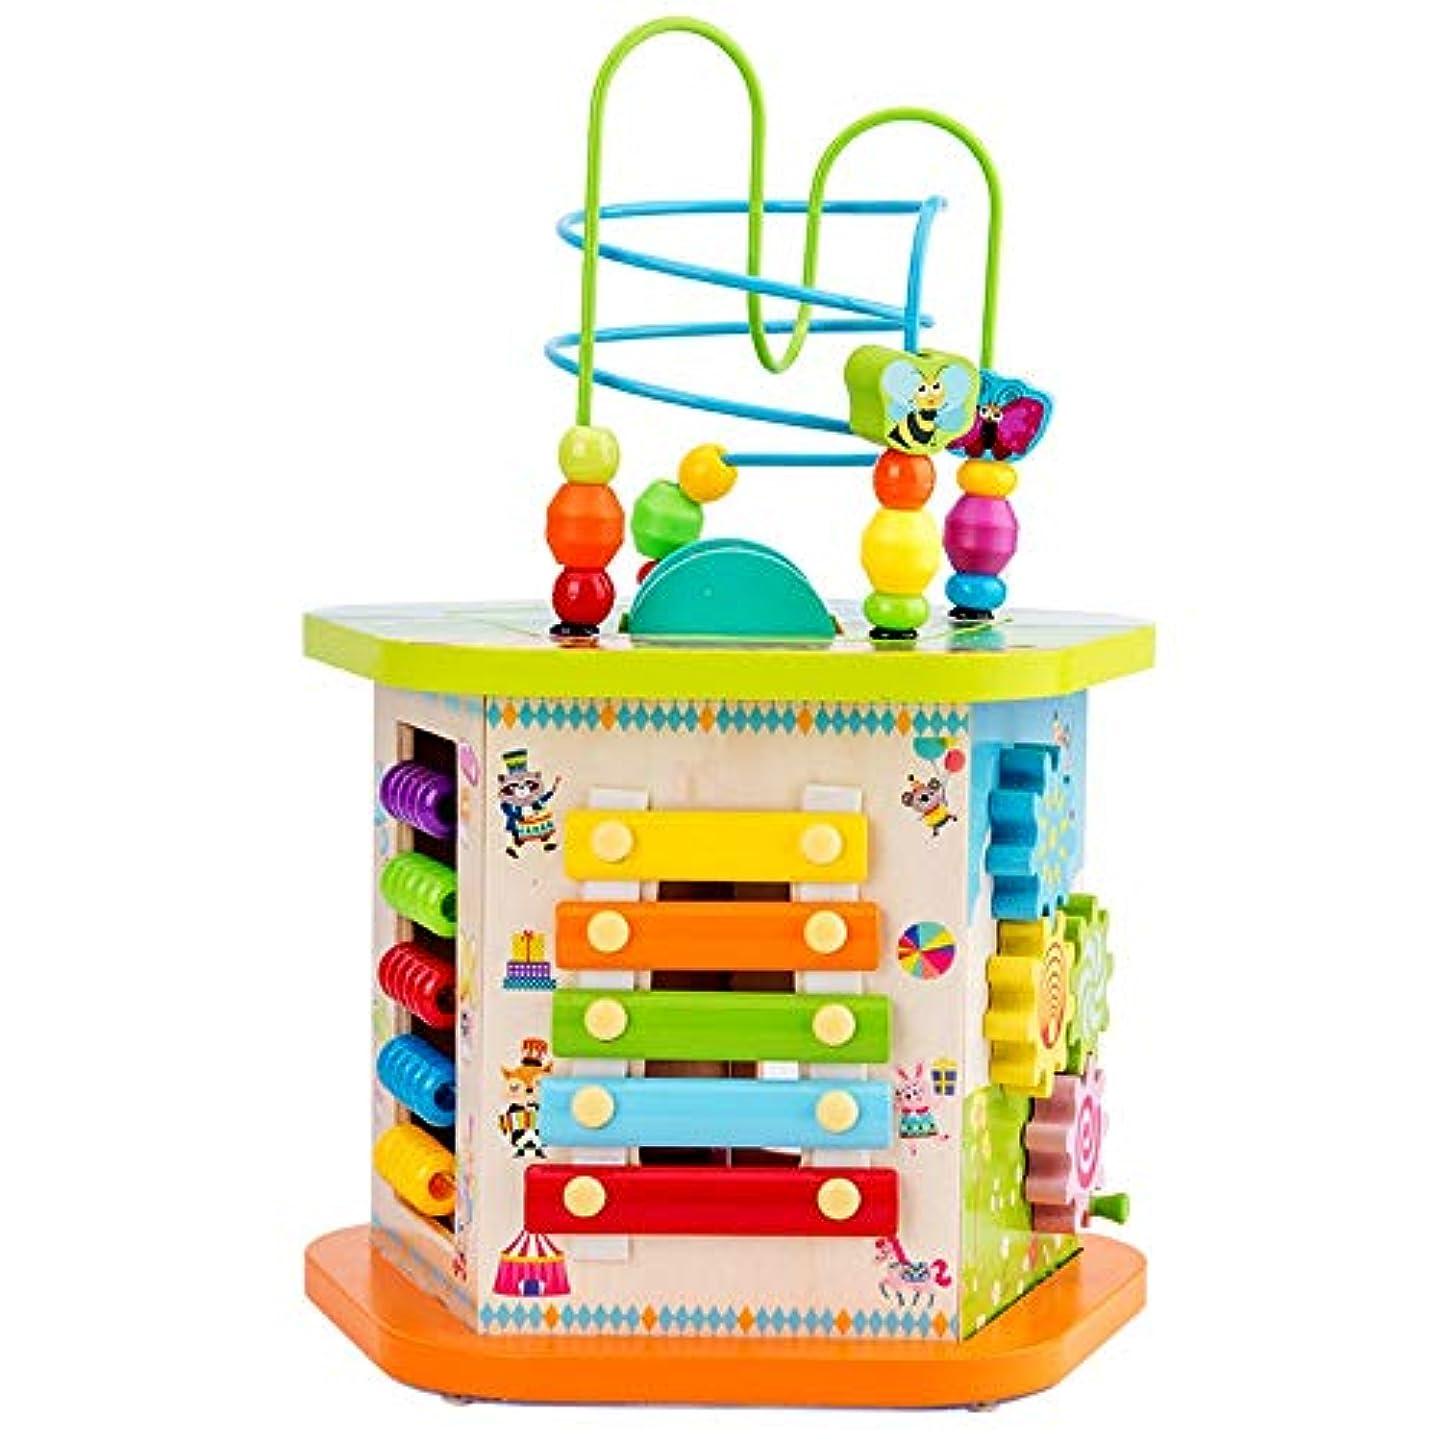 鋸歯状含める満たす木製アクティビティキューブ アーリーラーニング活動キューブおもちゃ、大型の多機能木製活動キューブビーズ迷路教育玩具 アクティビティキューブおもちゃ (Color : Multi-colored, Size : Free size)